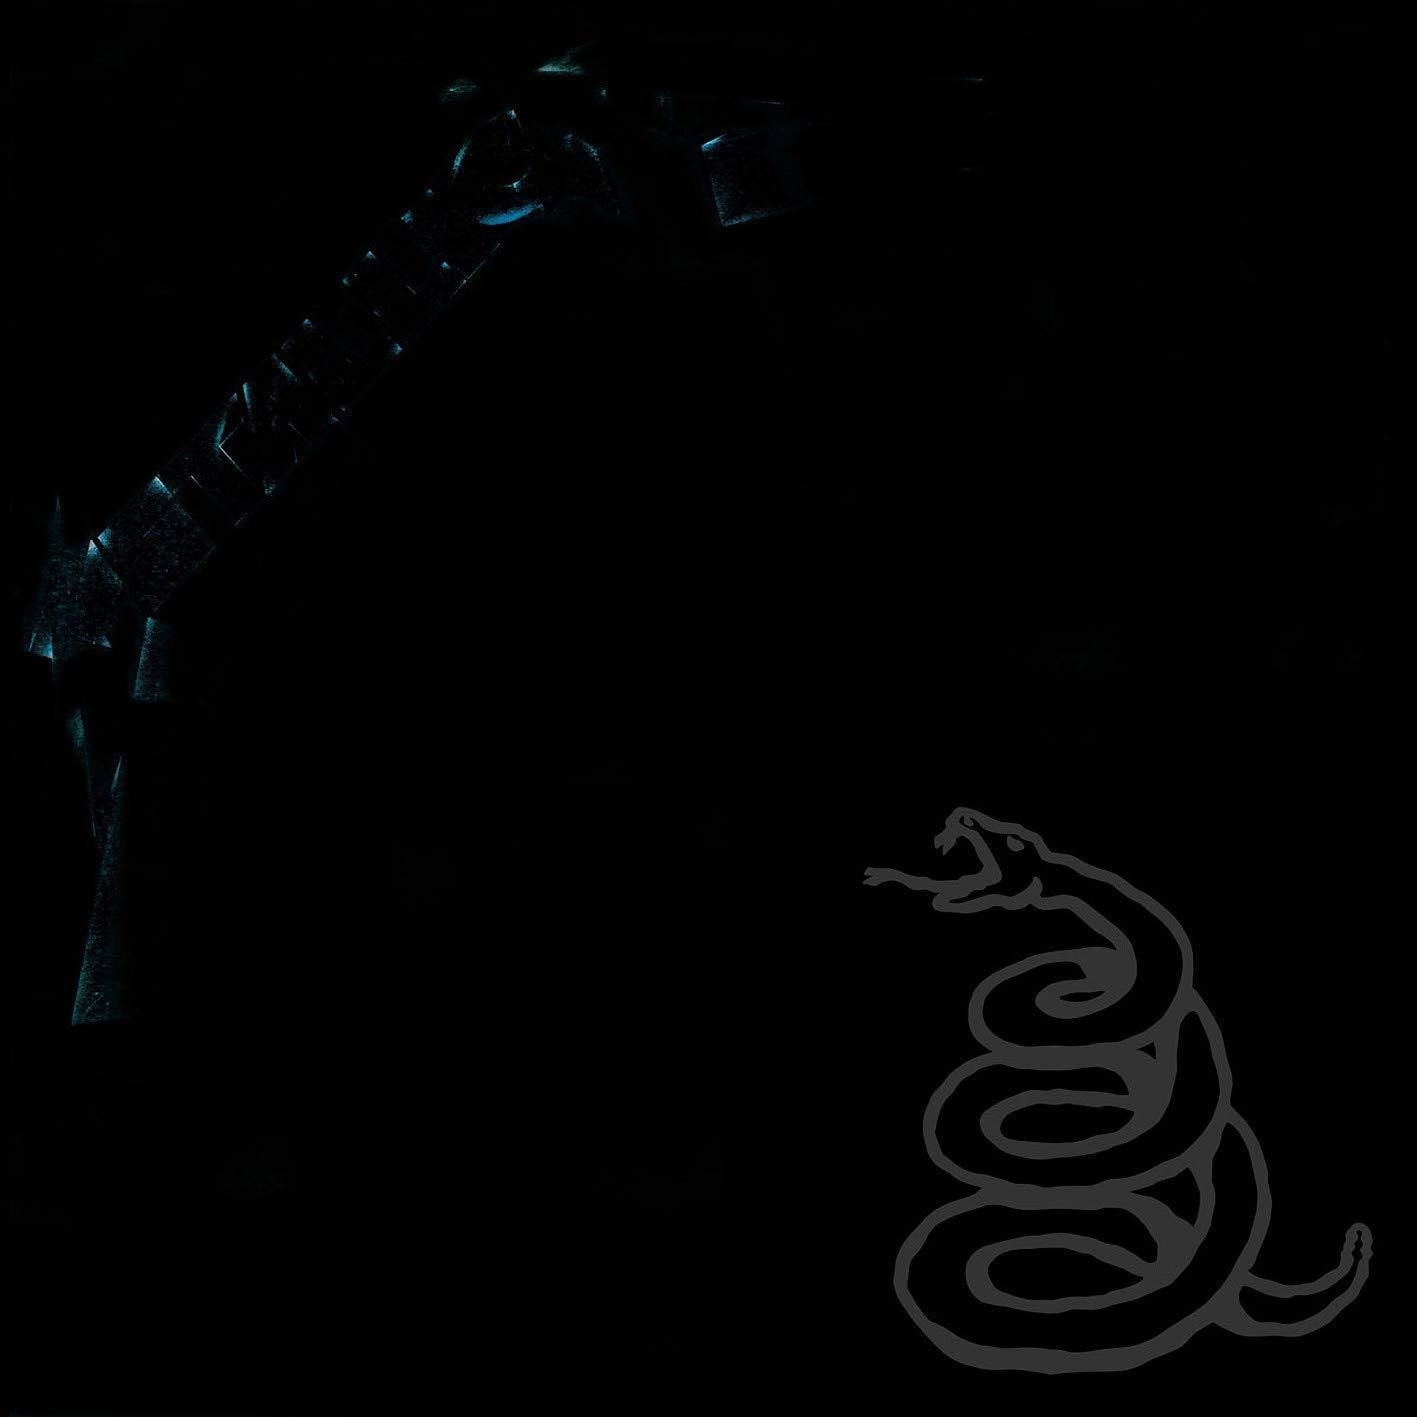 Metallica - Metallica (The Black Album) - Amazon.com Music